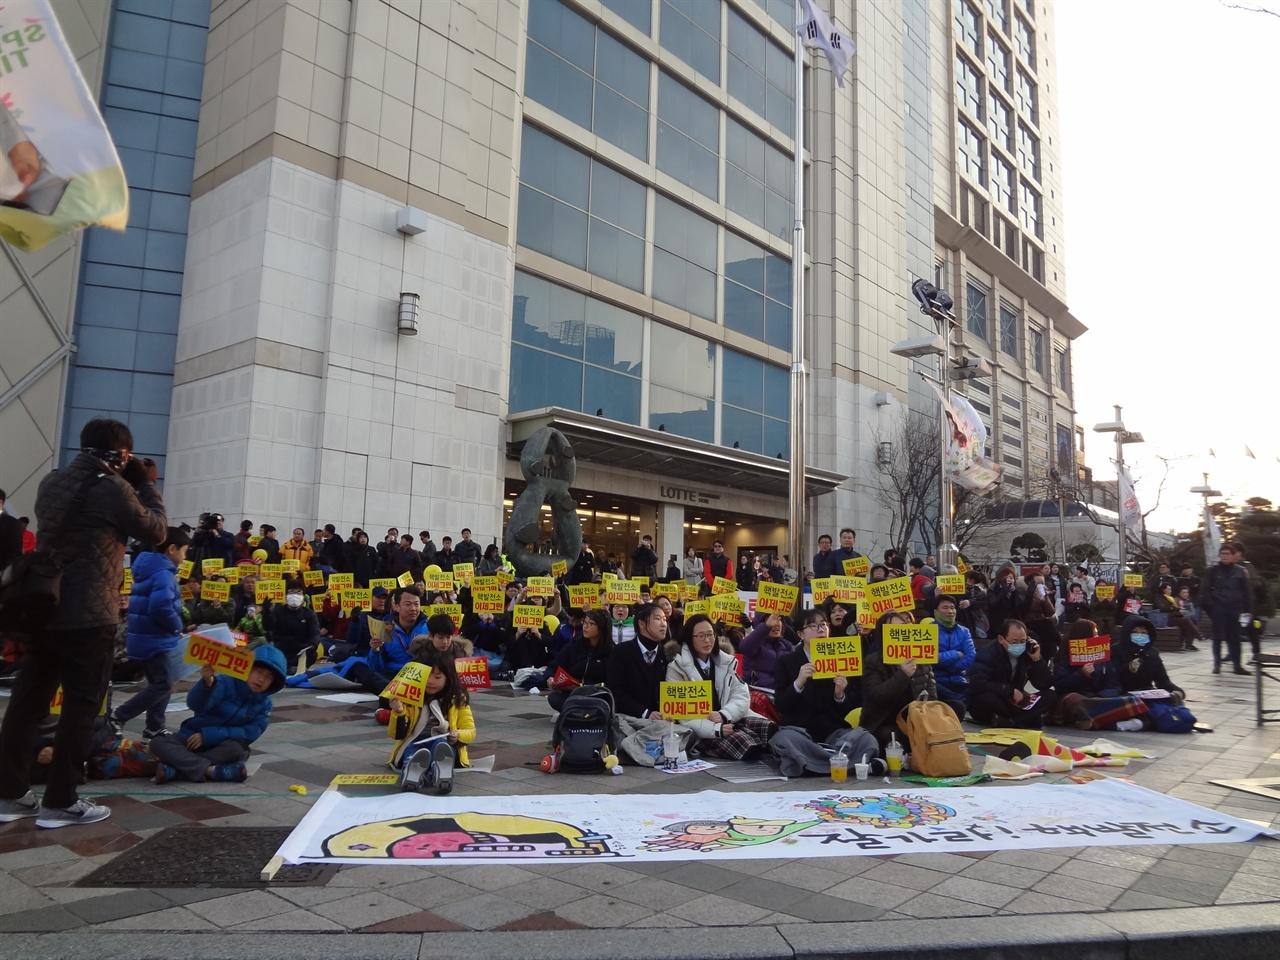 핵발전소 이제그만 <탈핵울산시민대회>에서 시민분들이 피켓을 들면서 구호를 외치고 있다.